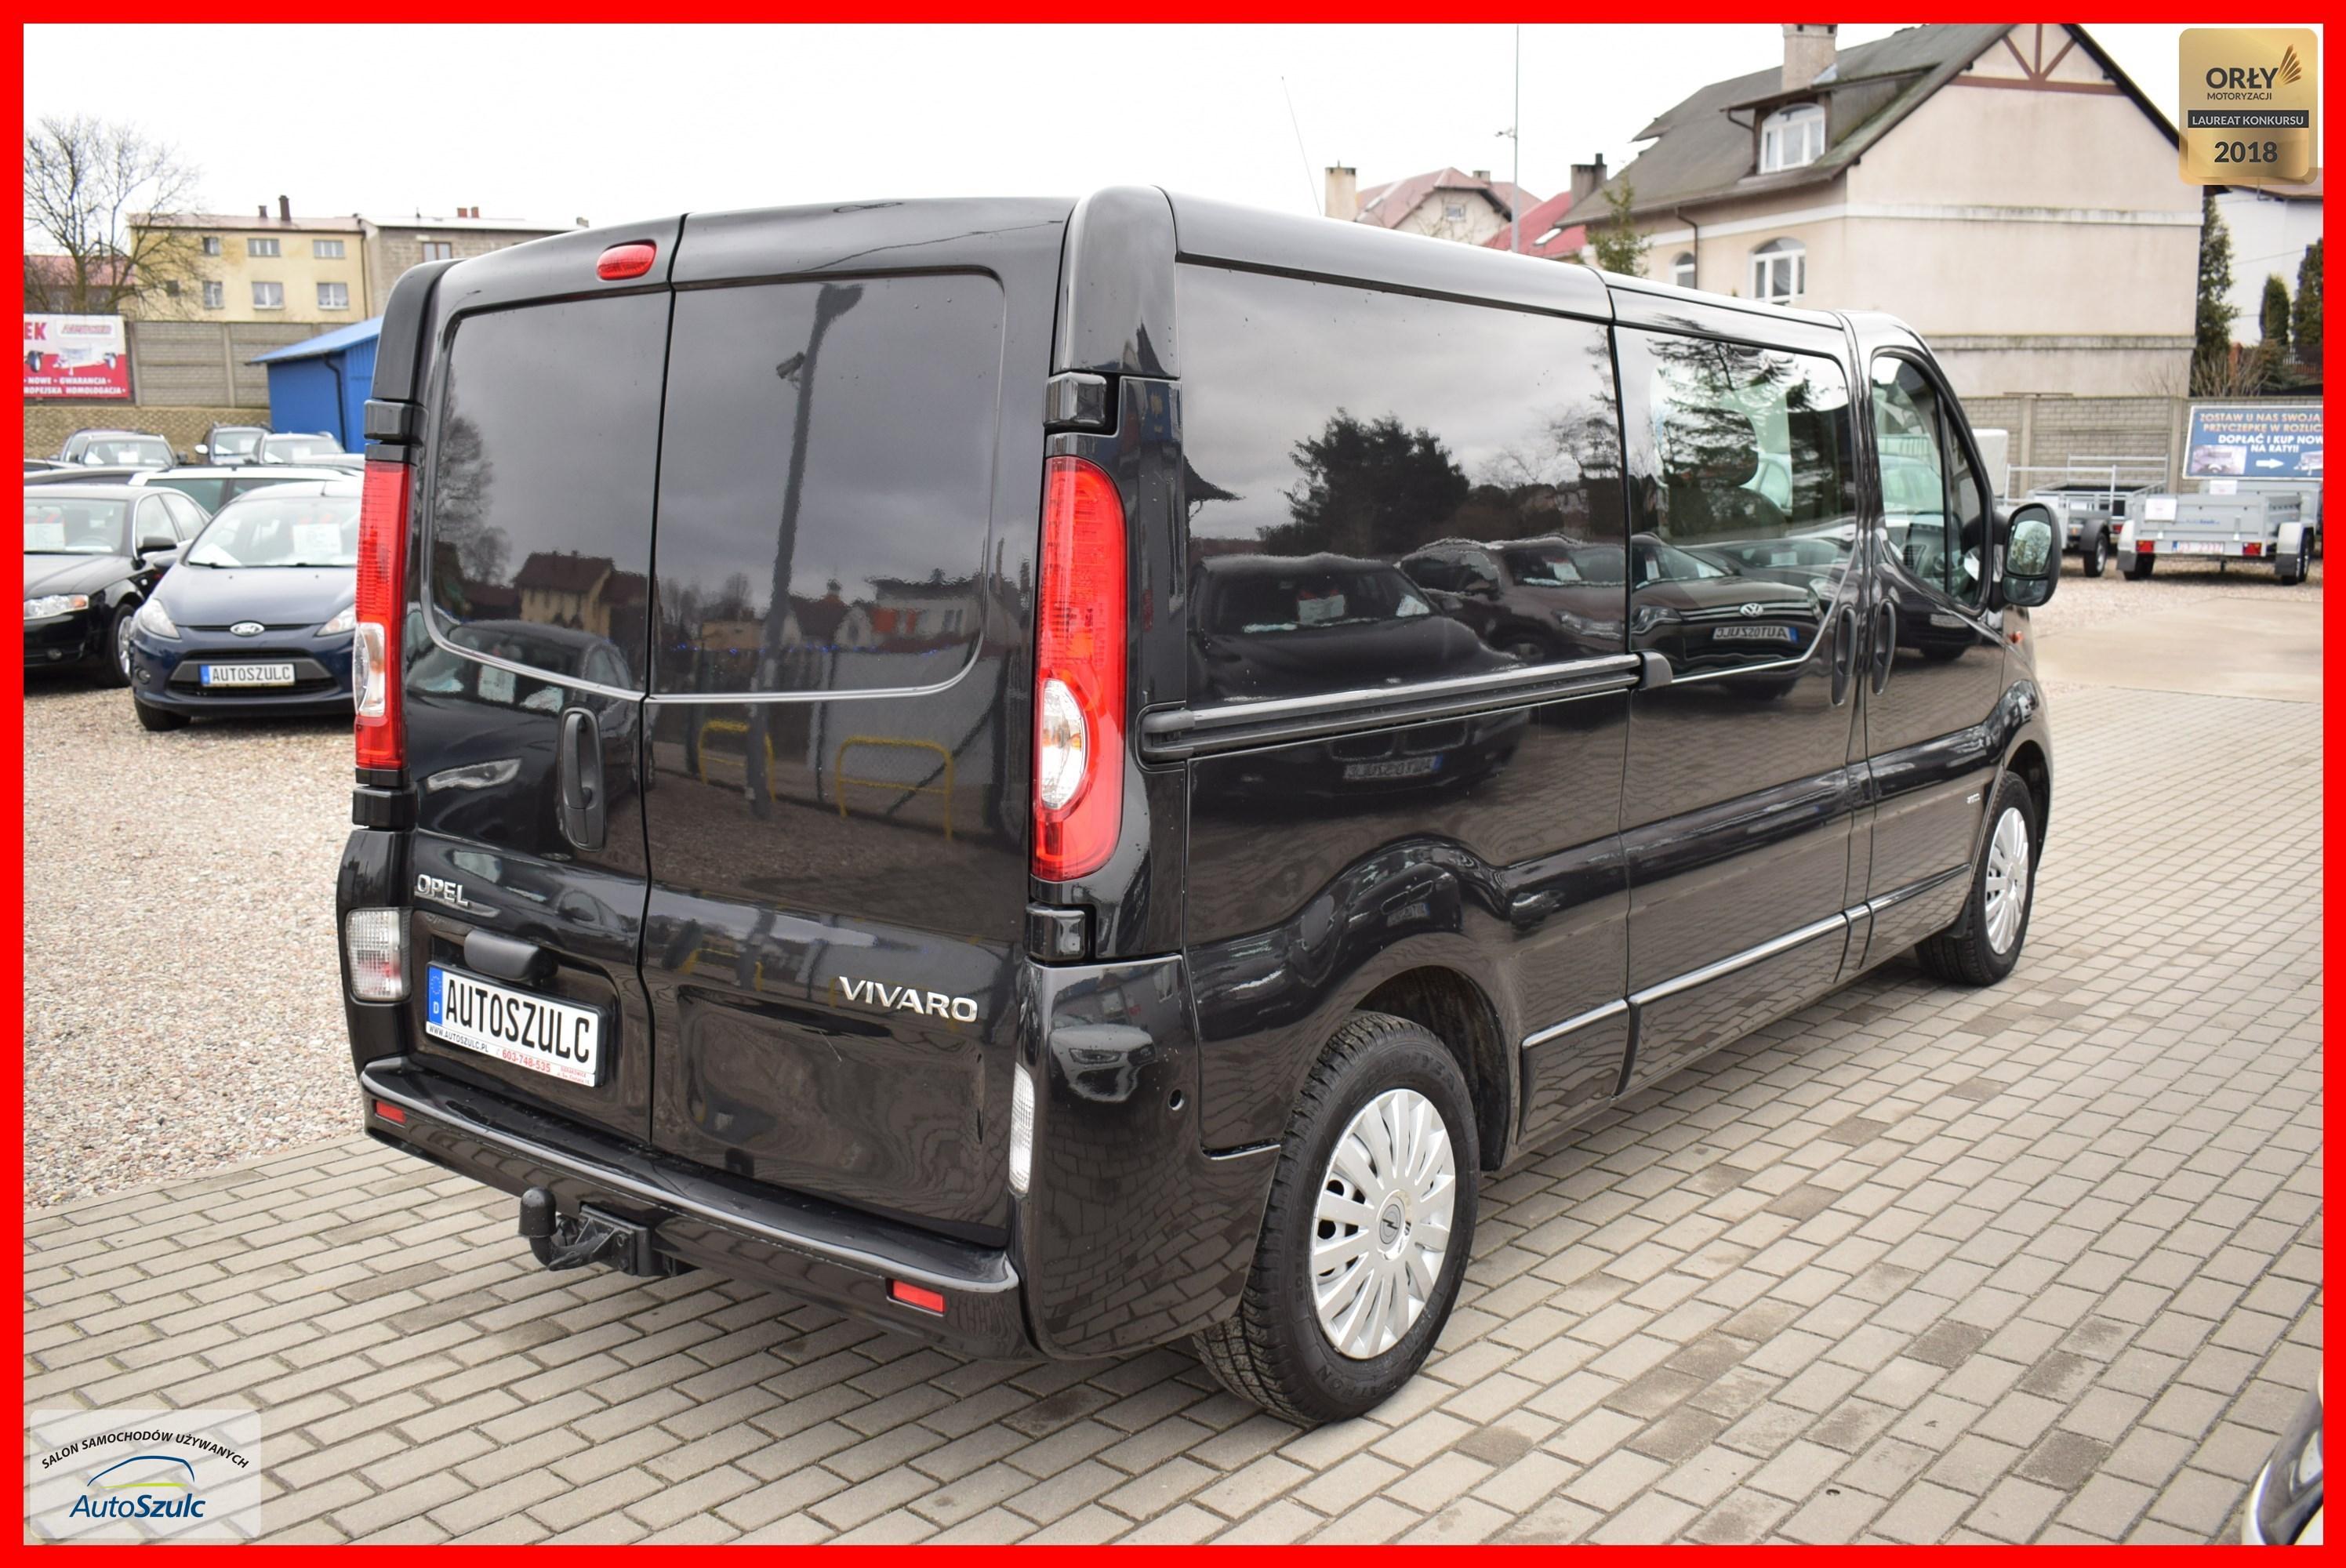 Groovy Opel Vivaro 2.0 Benzyna + Gaz ( ważny do 2028 r. ) 6-osobowy EW58